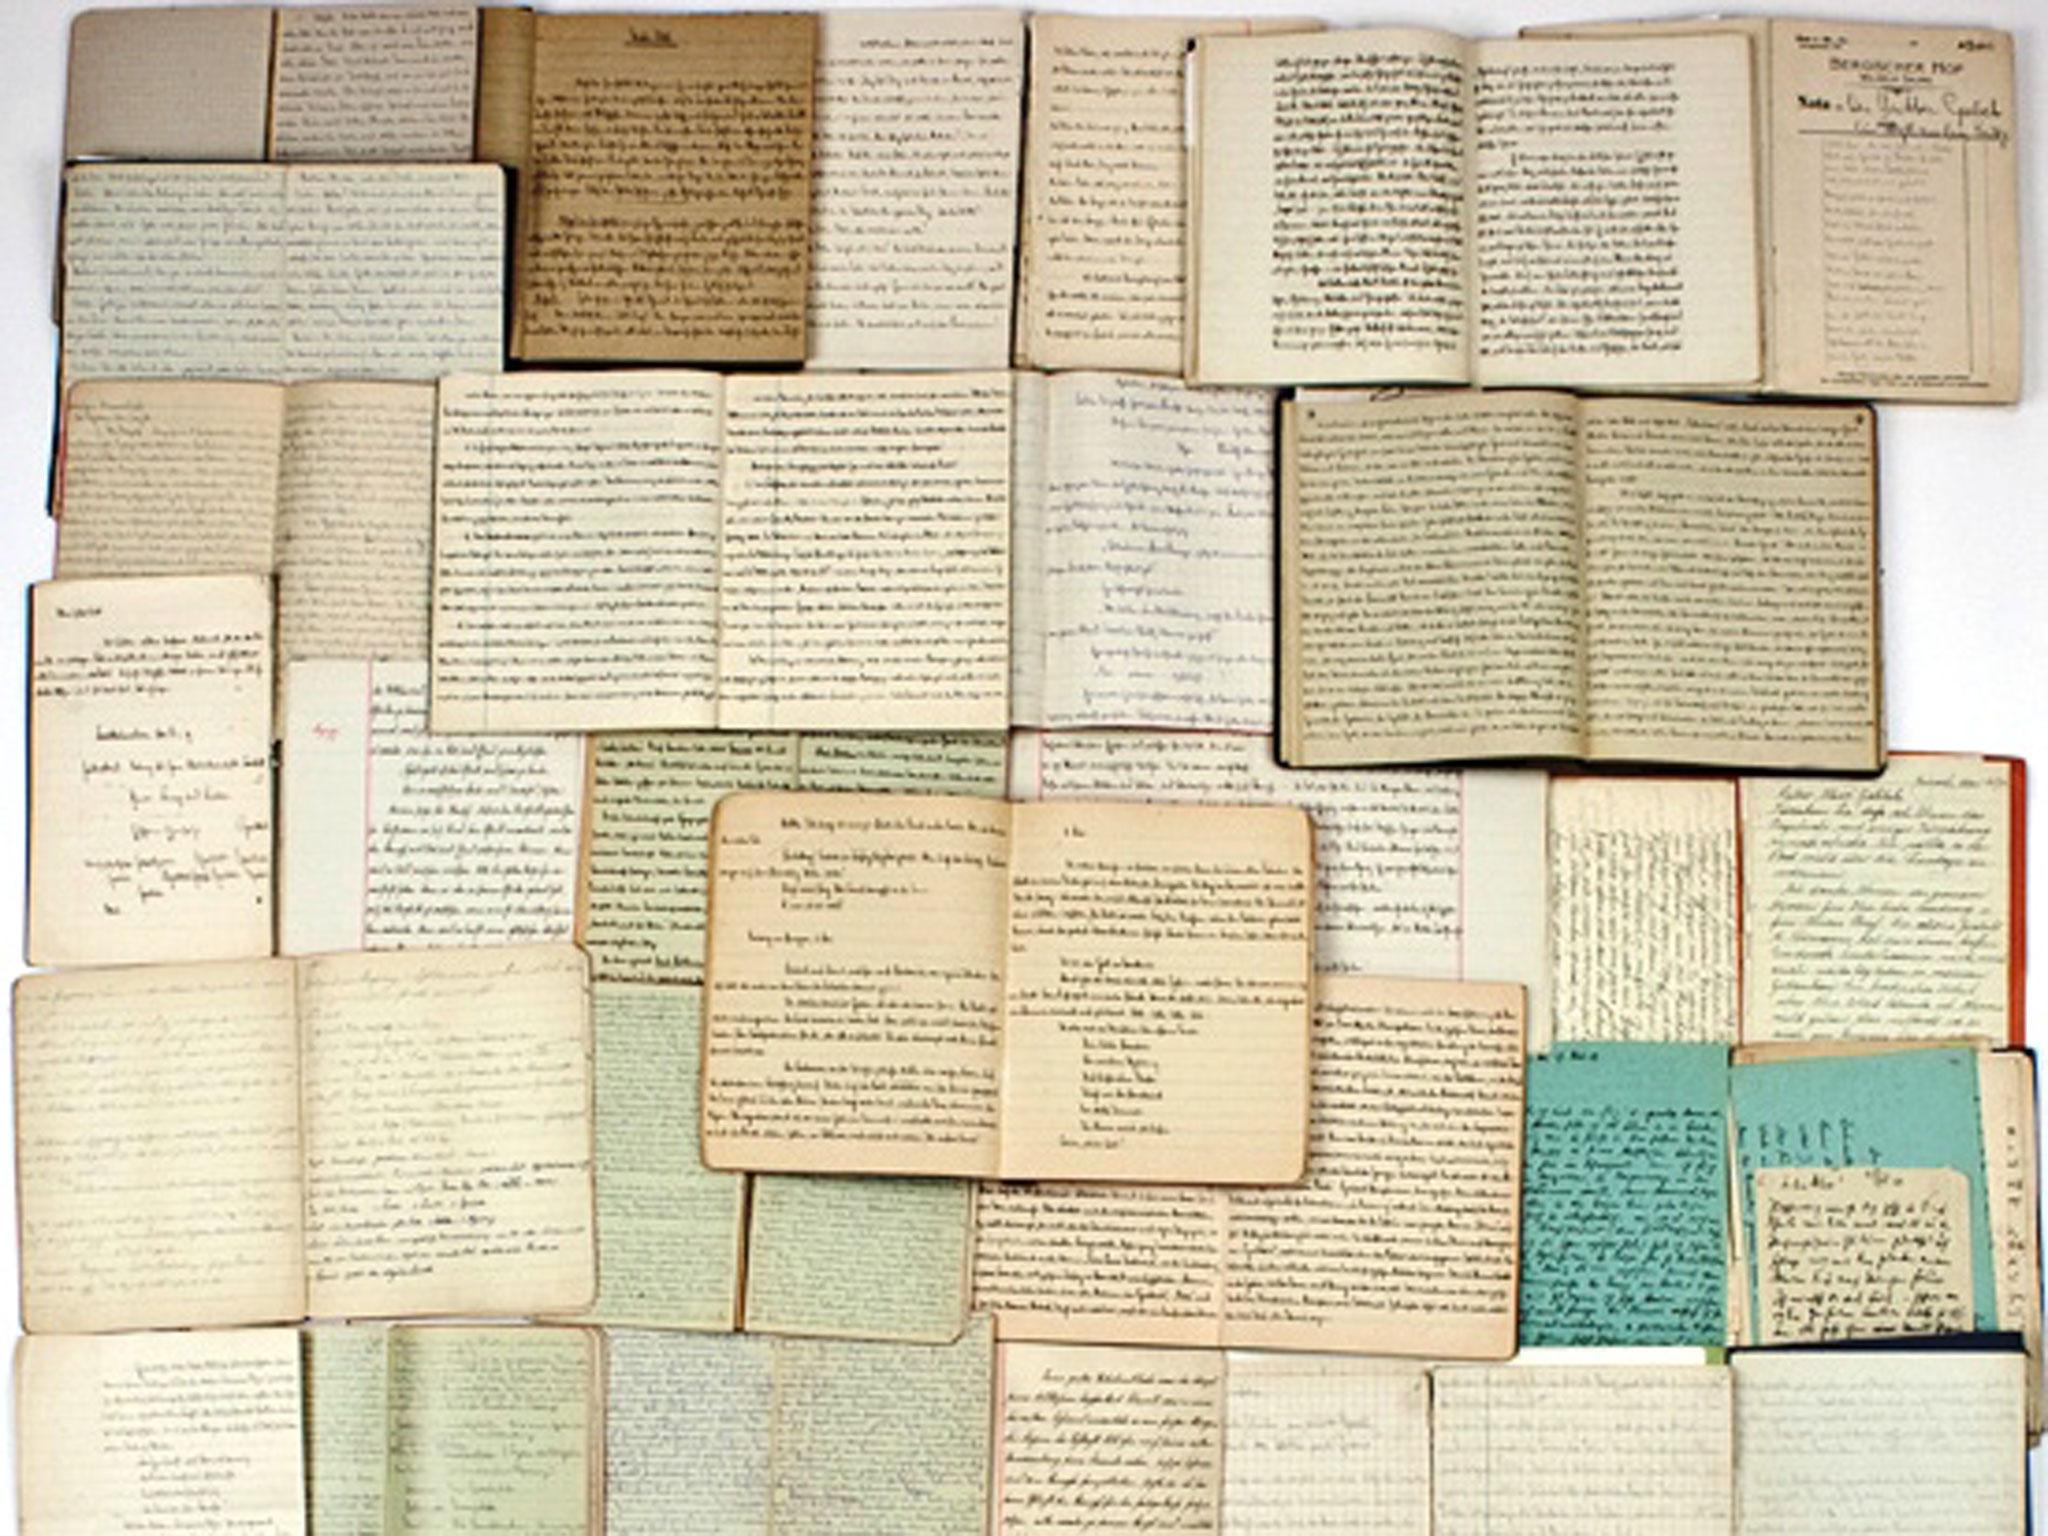 Los diarios de Goebbels. Foto: Alexander Autographs